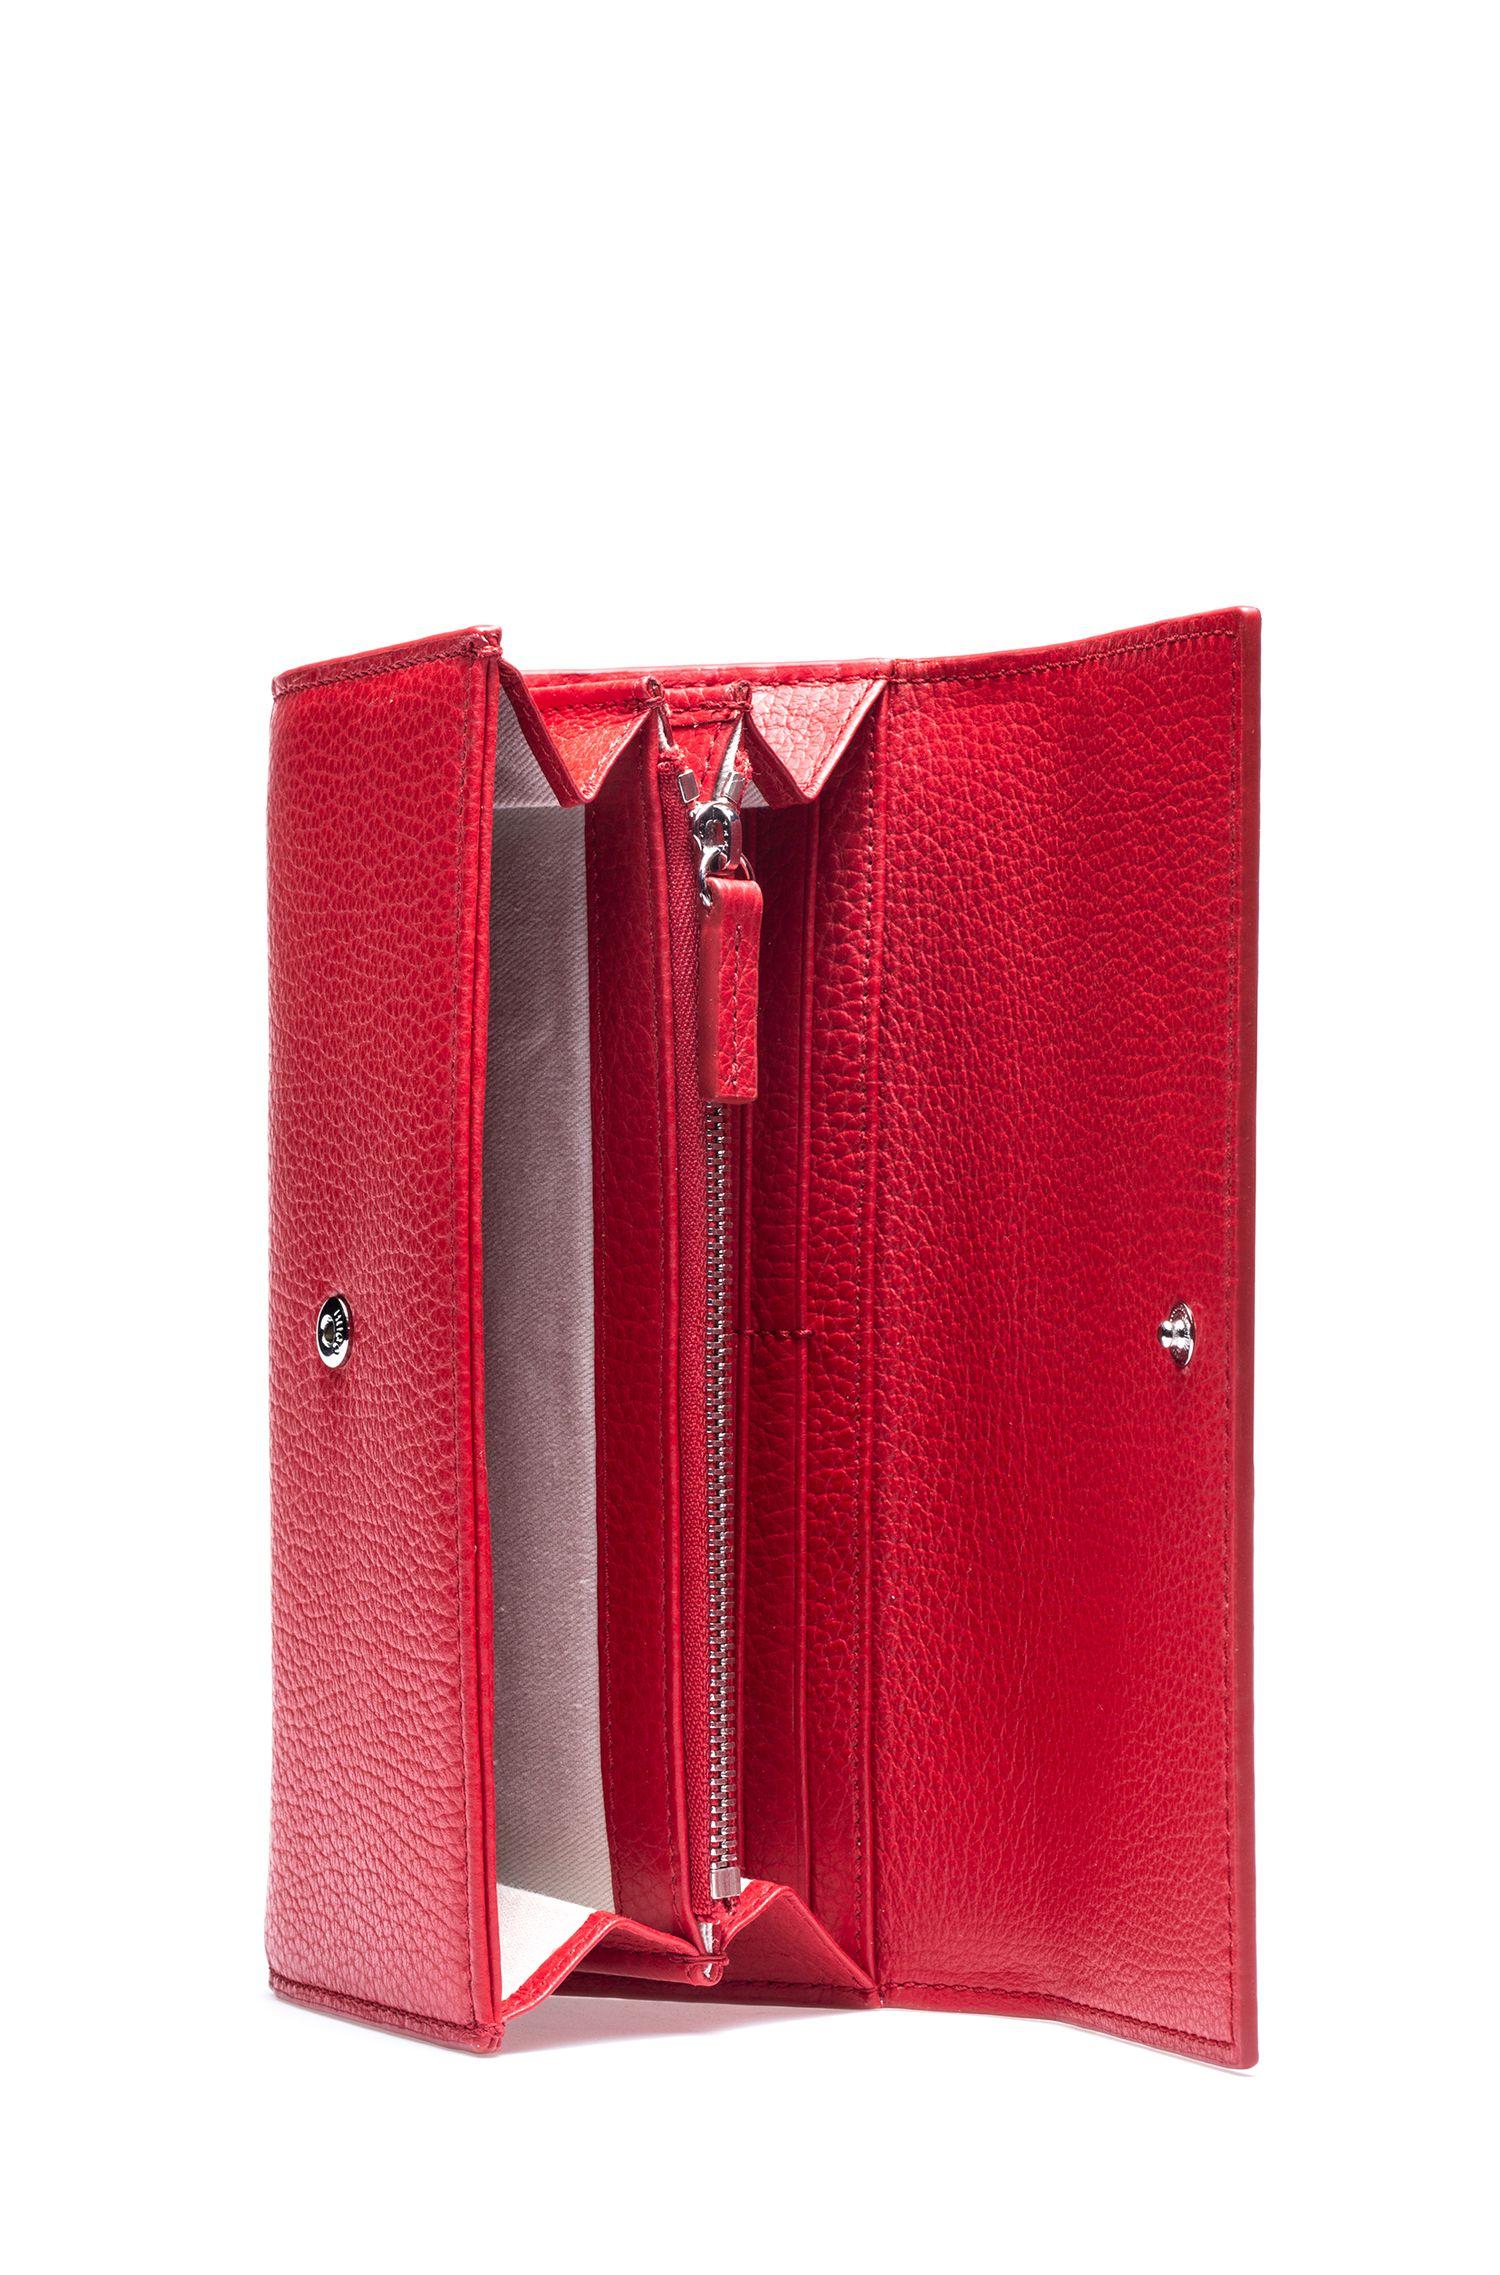 Portefeuille compact en cuir italien grainé orné de lettres métalliques, Rouge